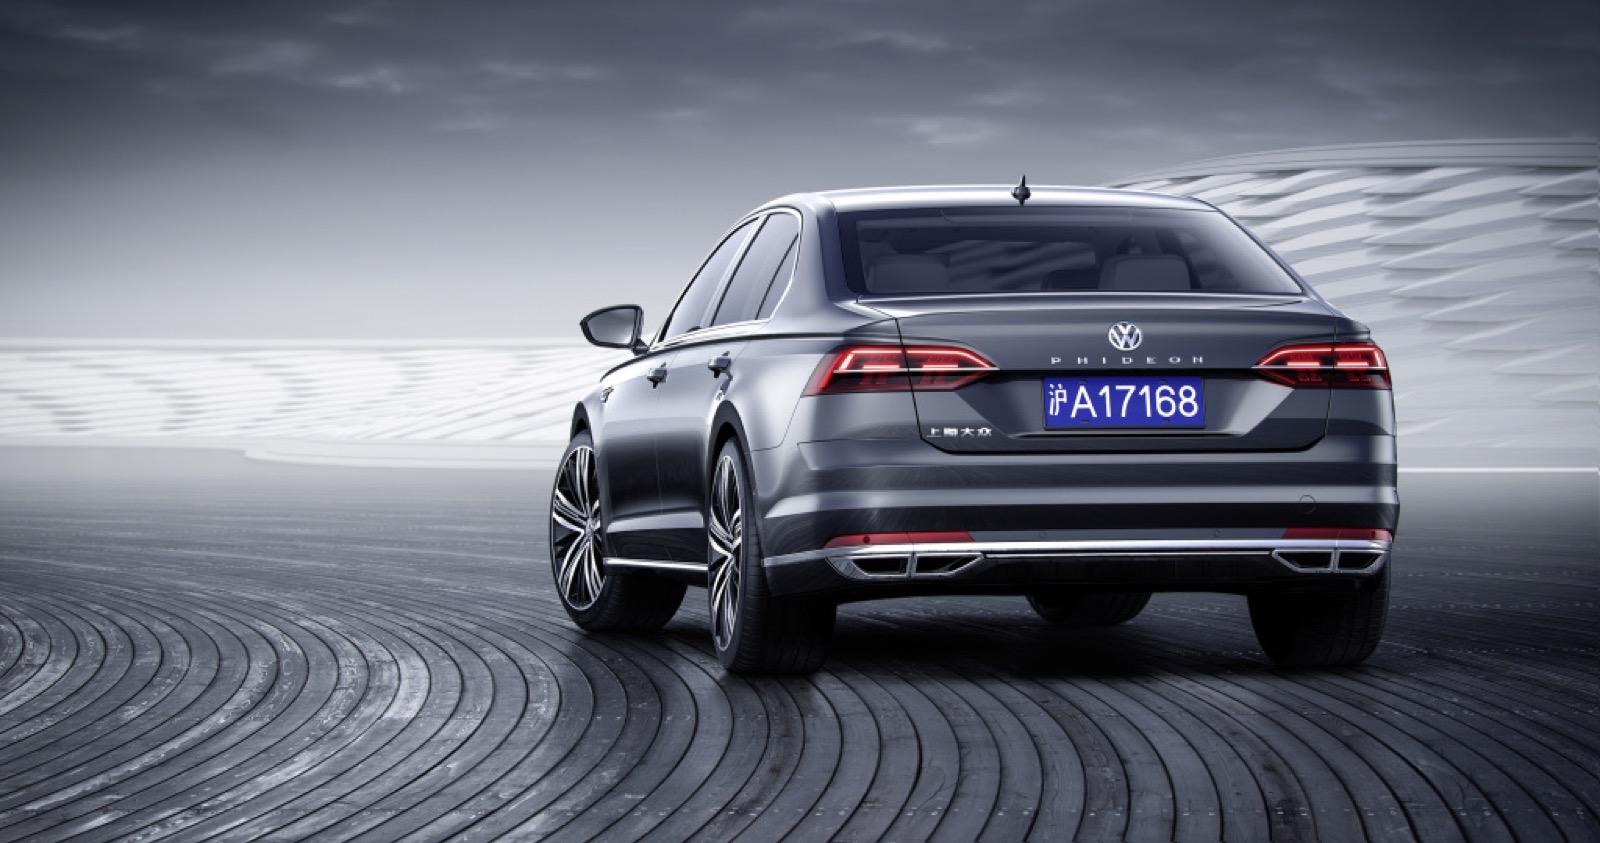 Volkswagen-Phideon-facelift-4